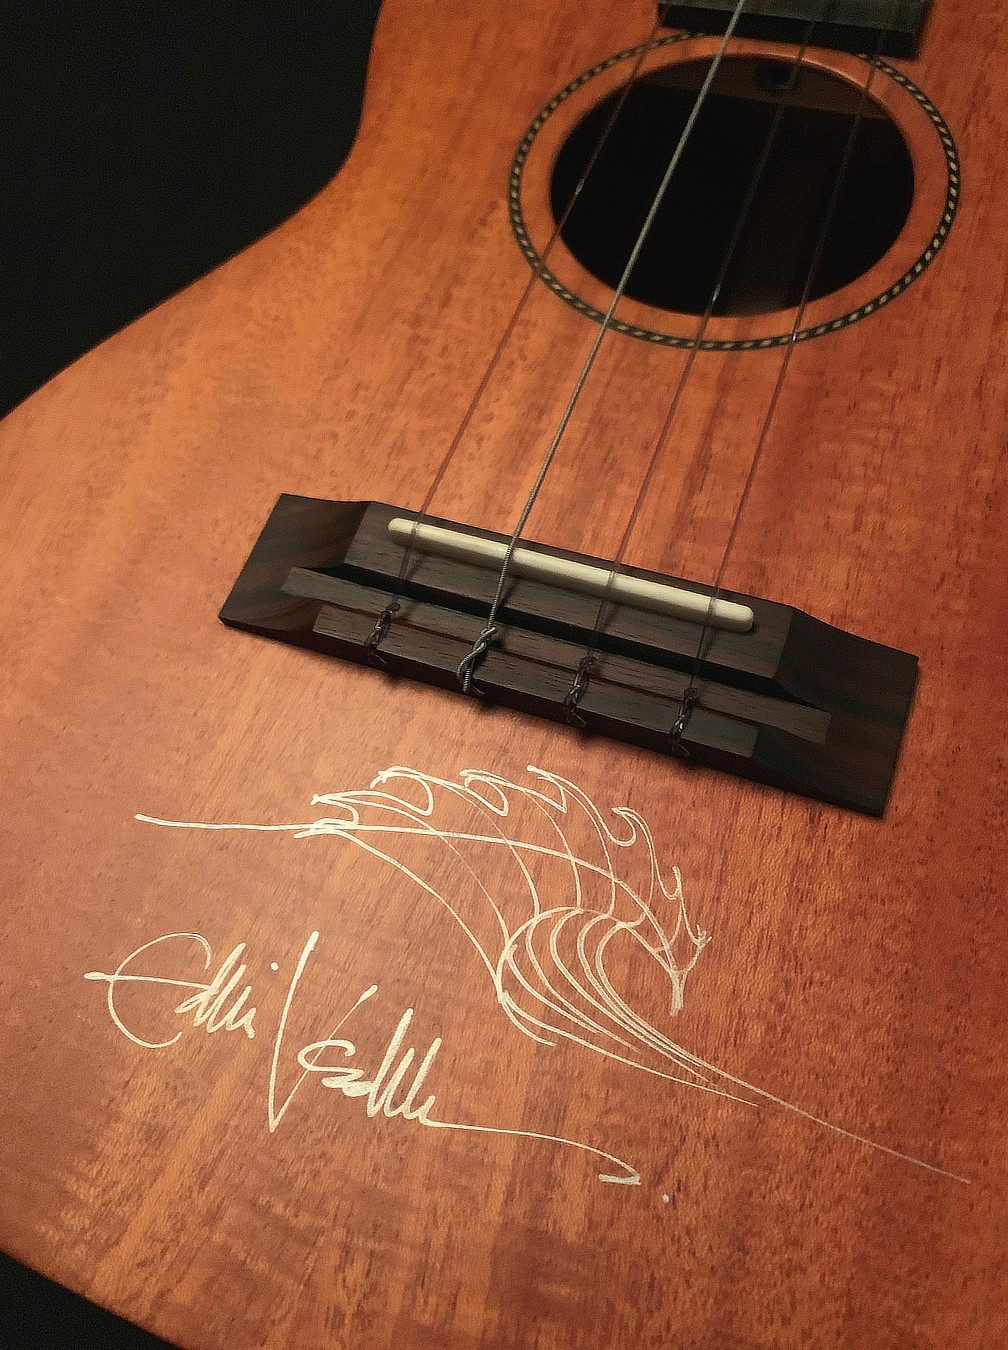 Eddie Vedder Signed Ukulele - Lot 1673601 - Charitybuzz